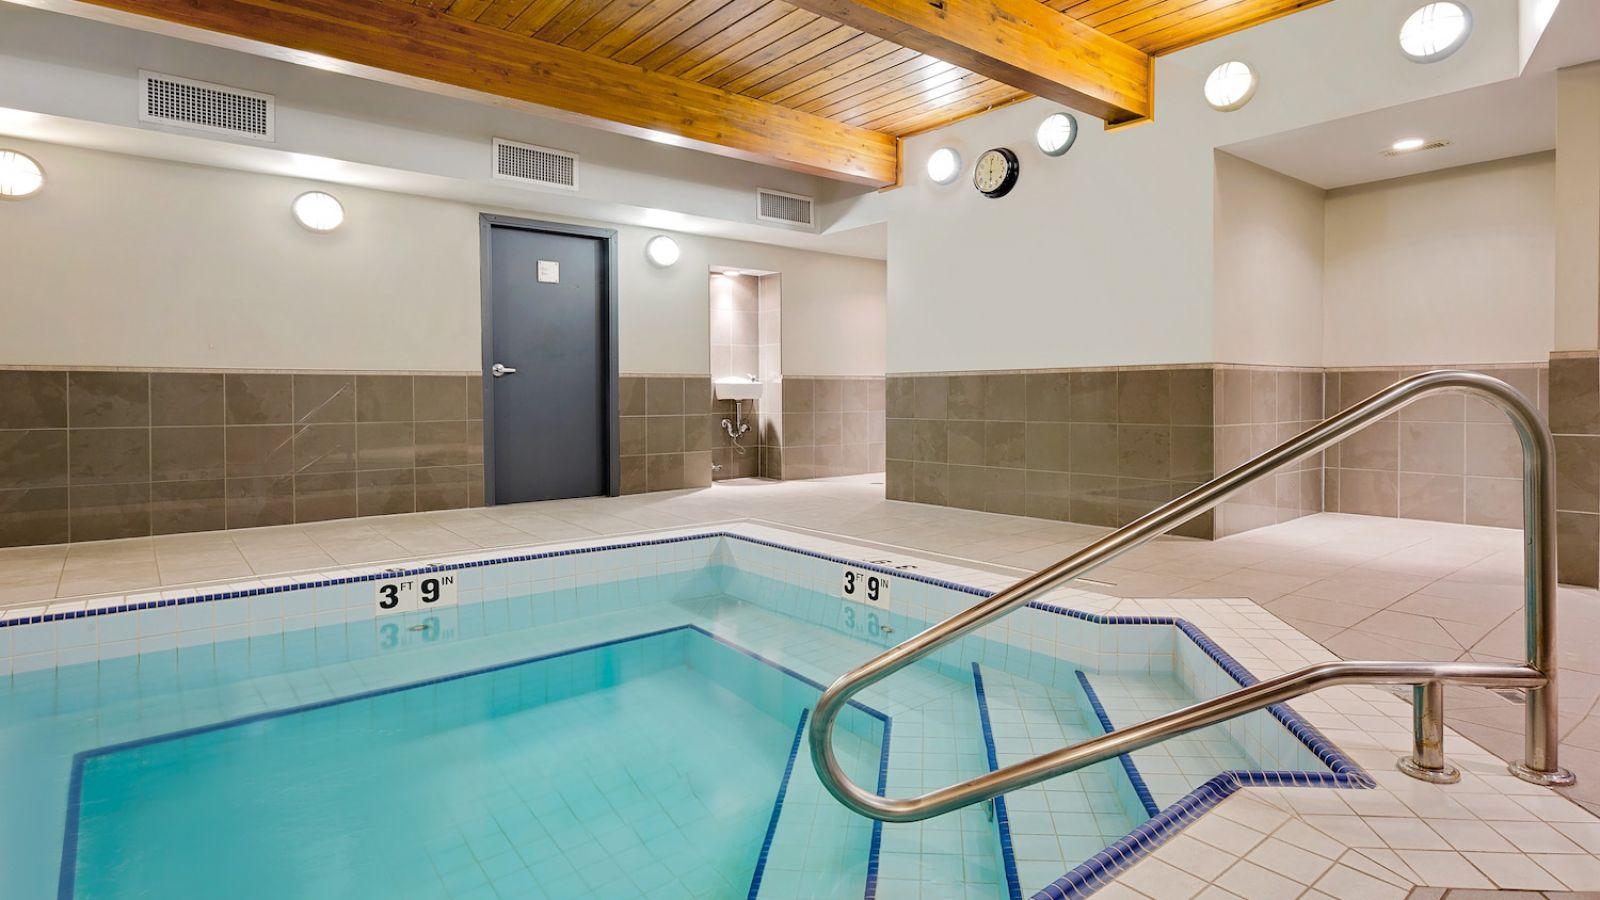 Ramada Hotel Kamloops - Hot Tub